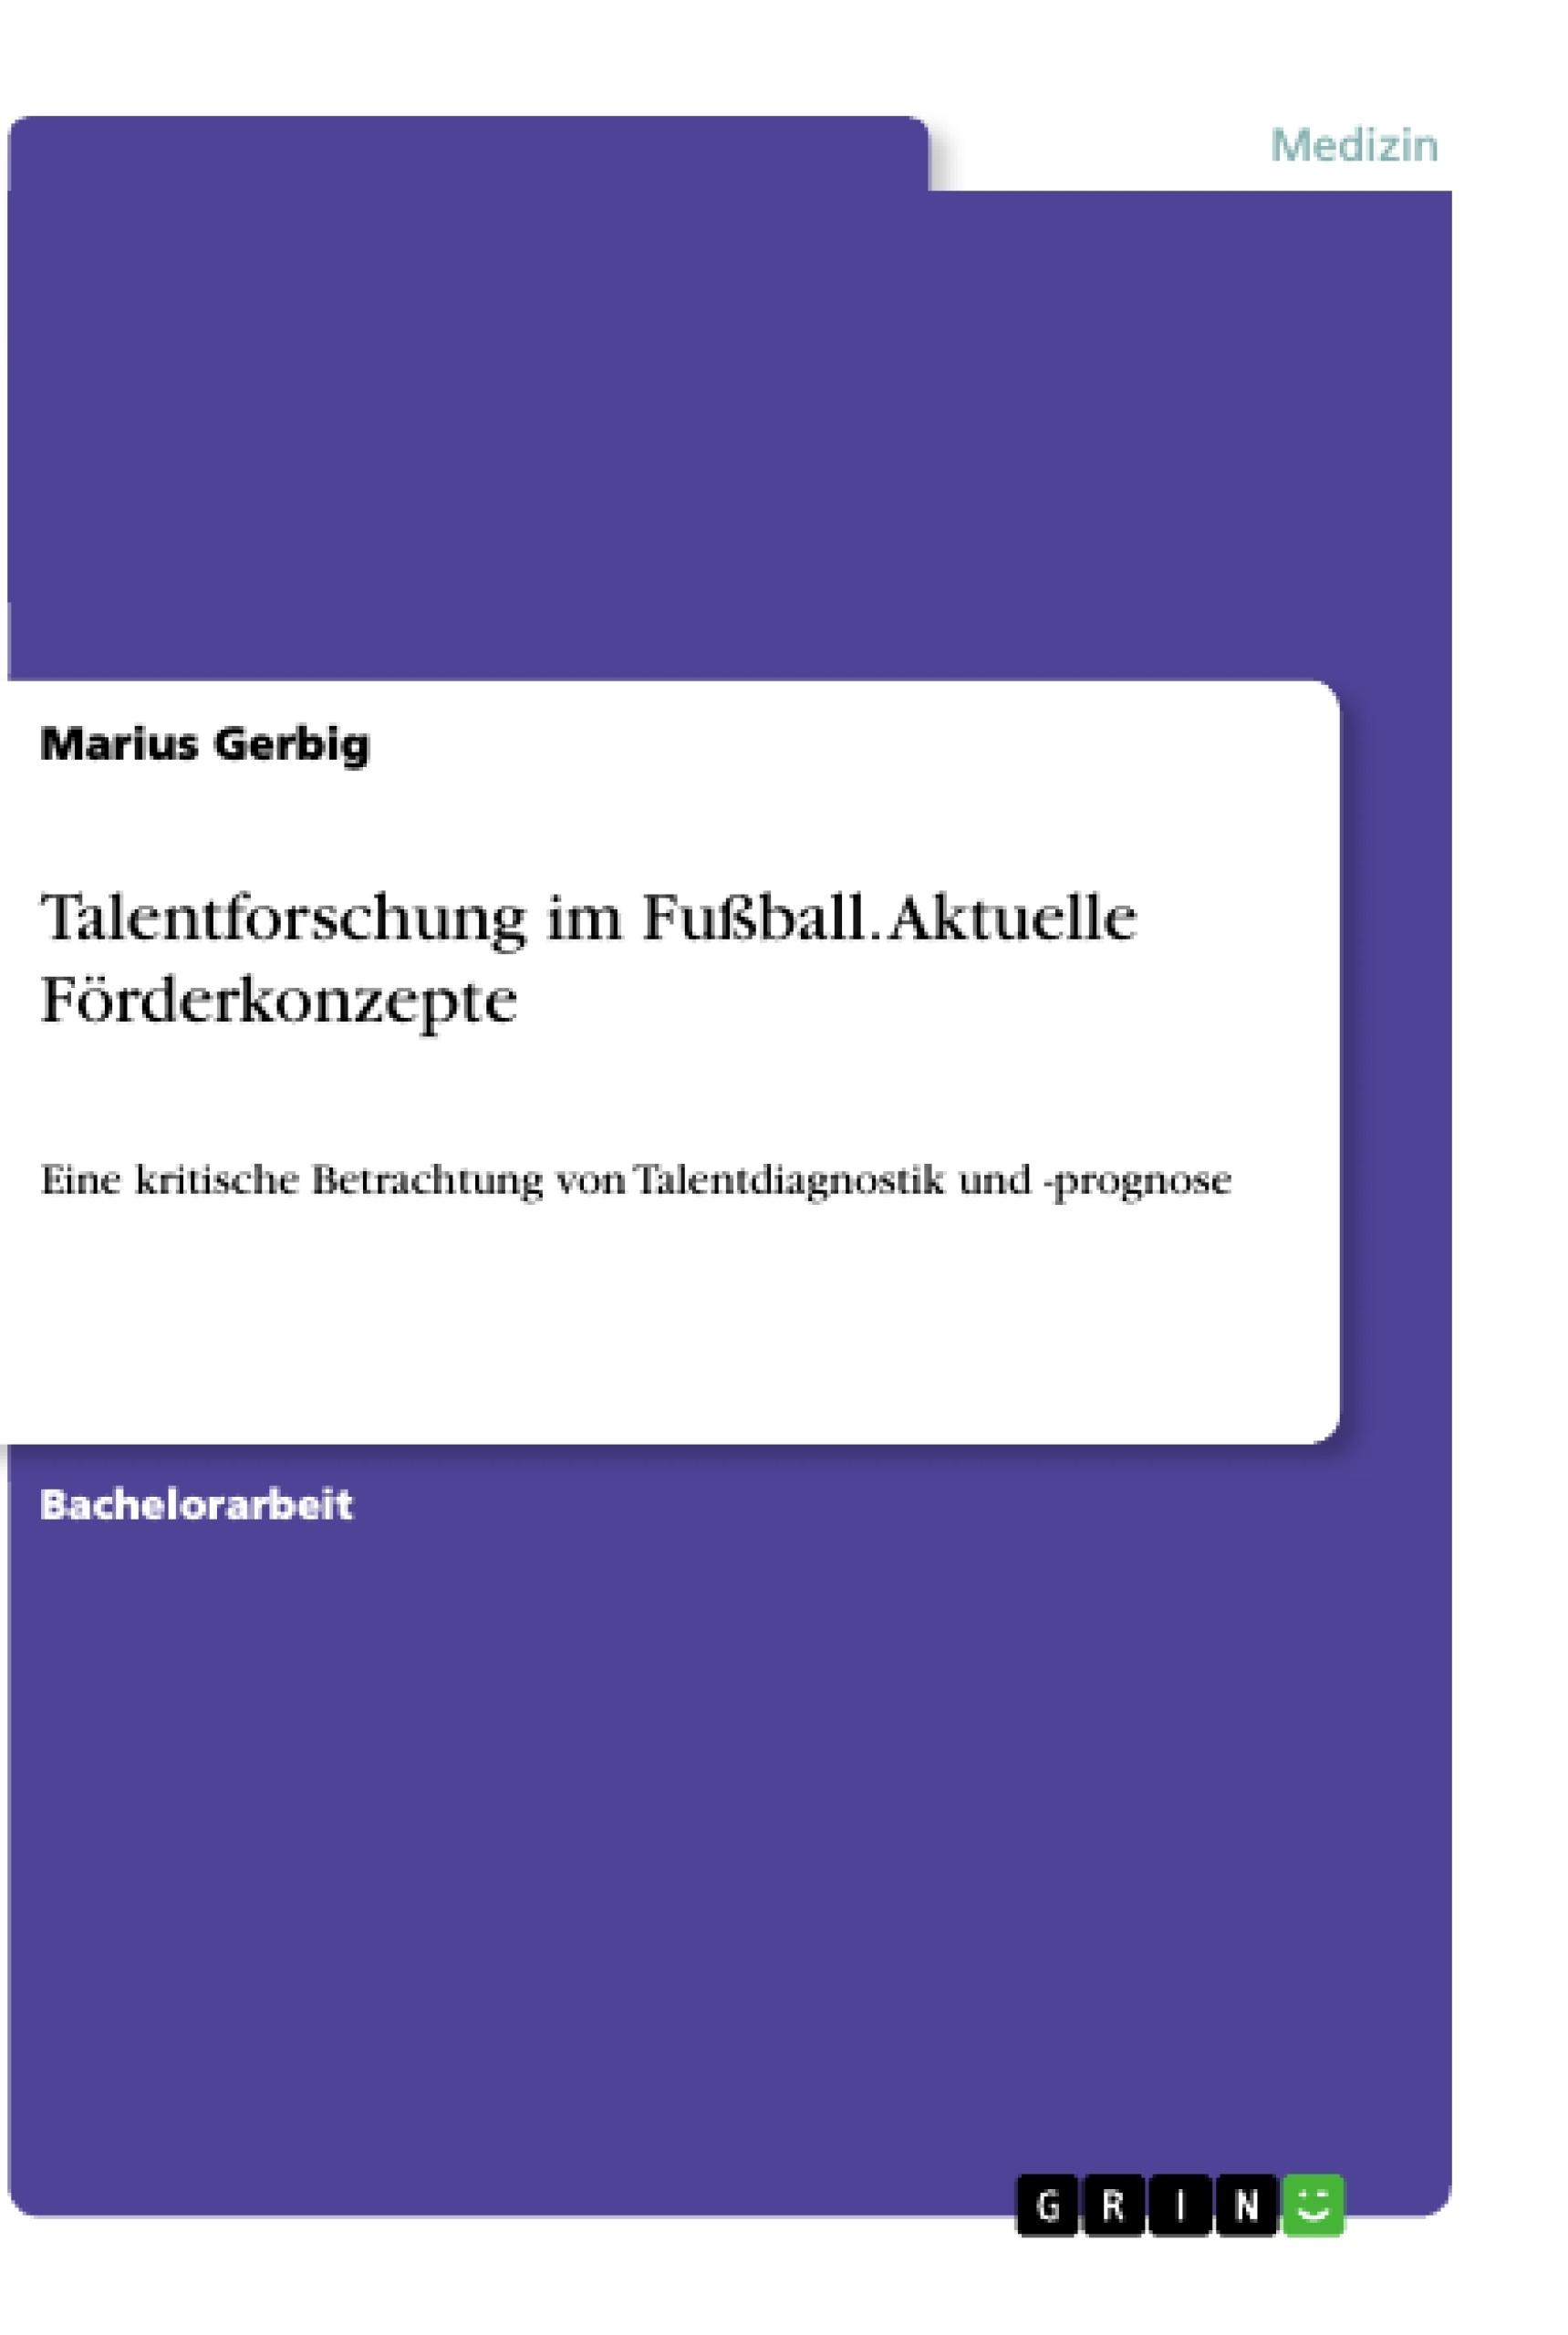 Titel: Talentforschung im Fußball. Aktuelle Förderkonzepte